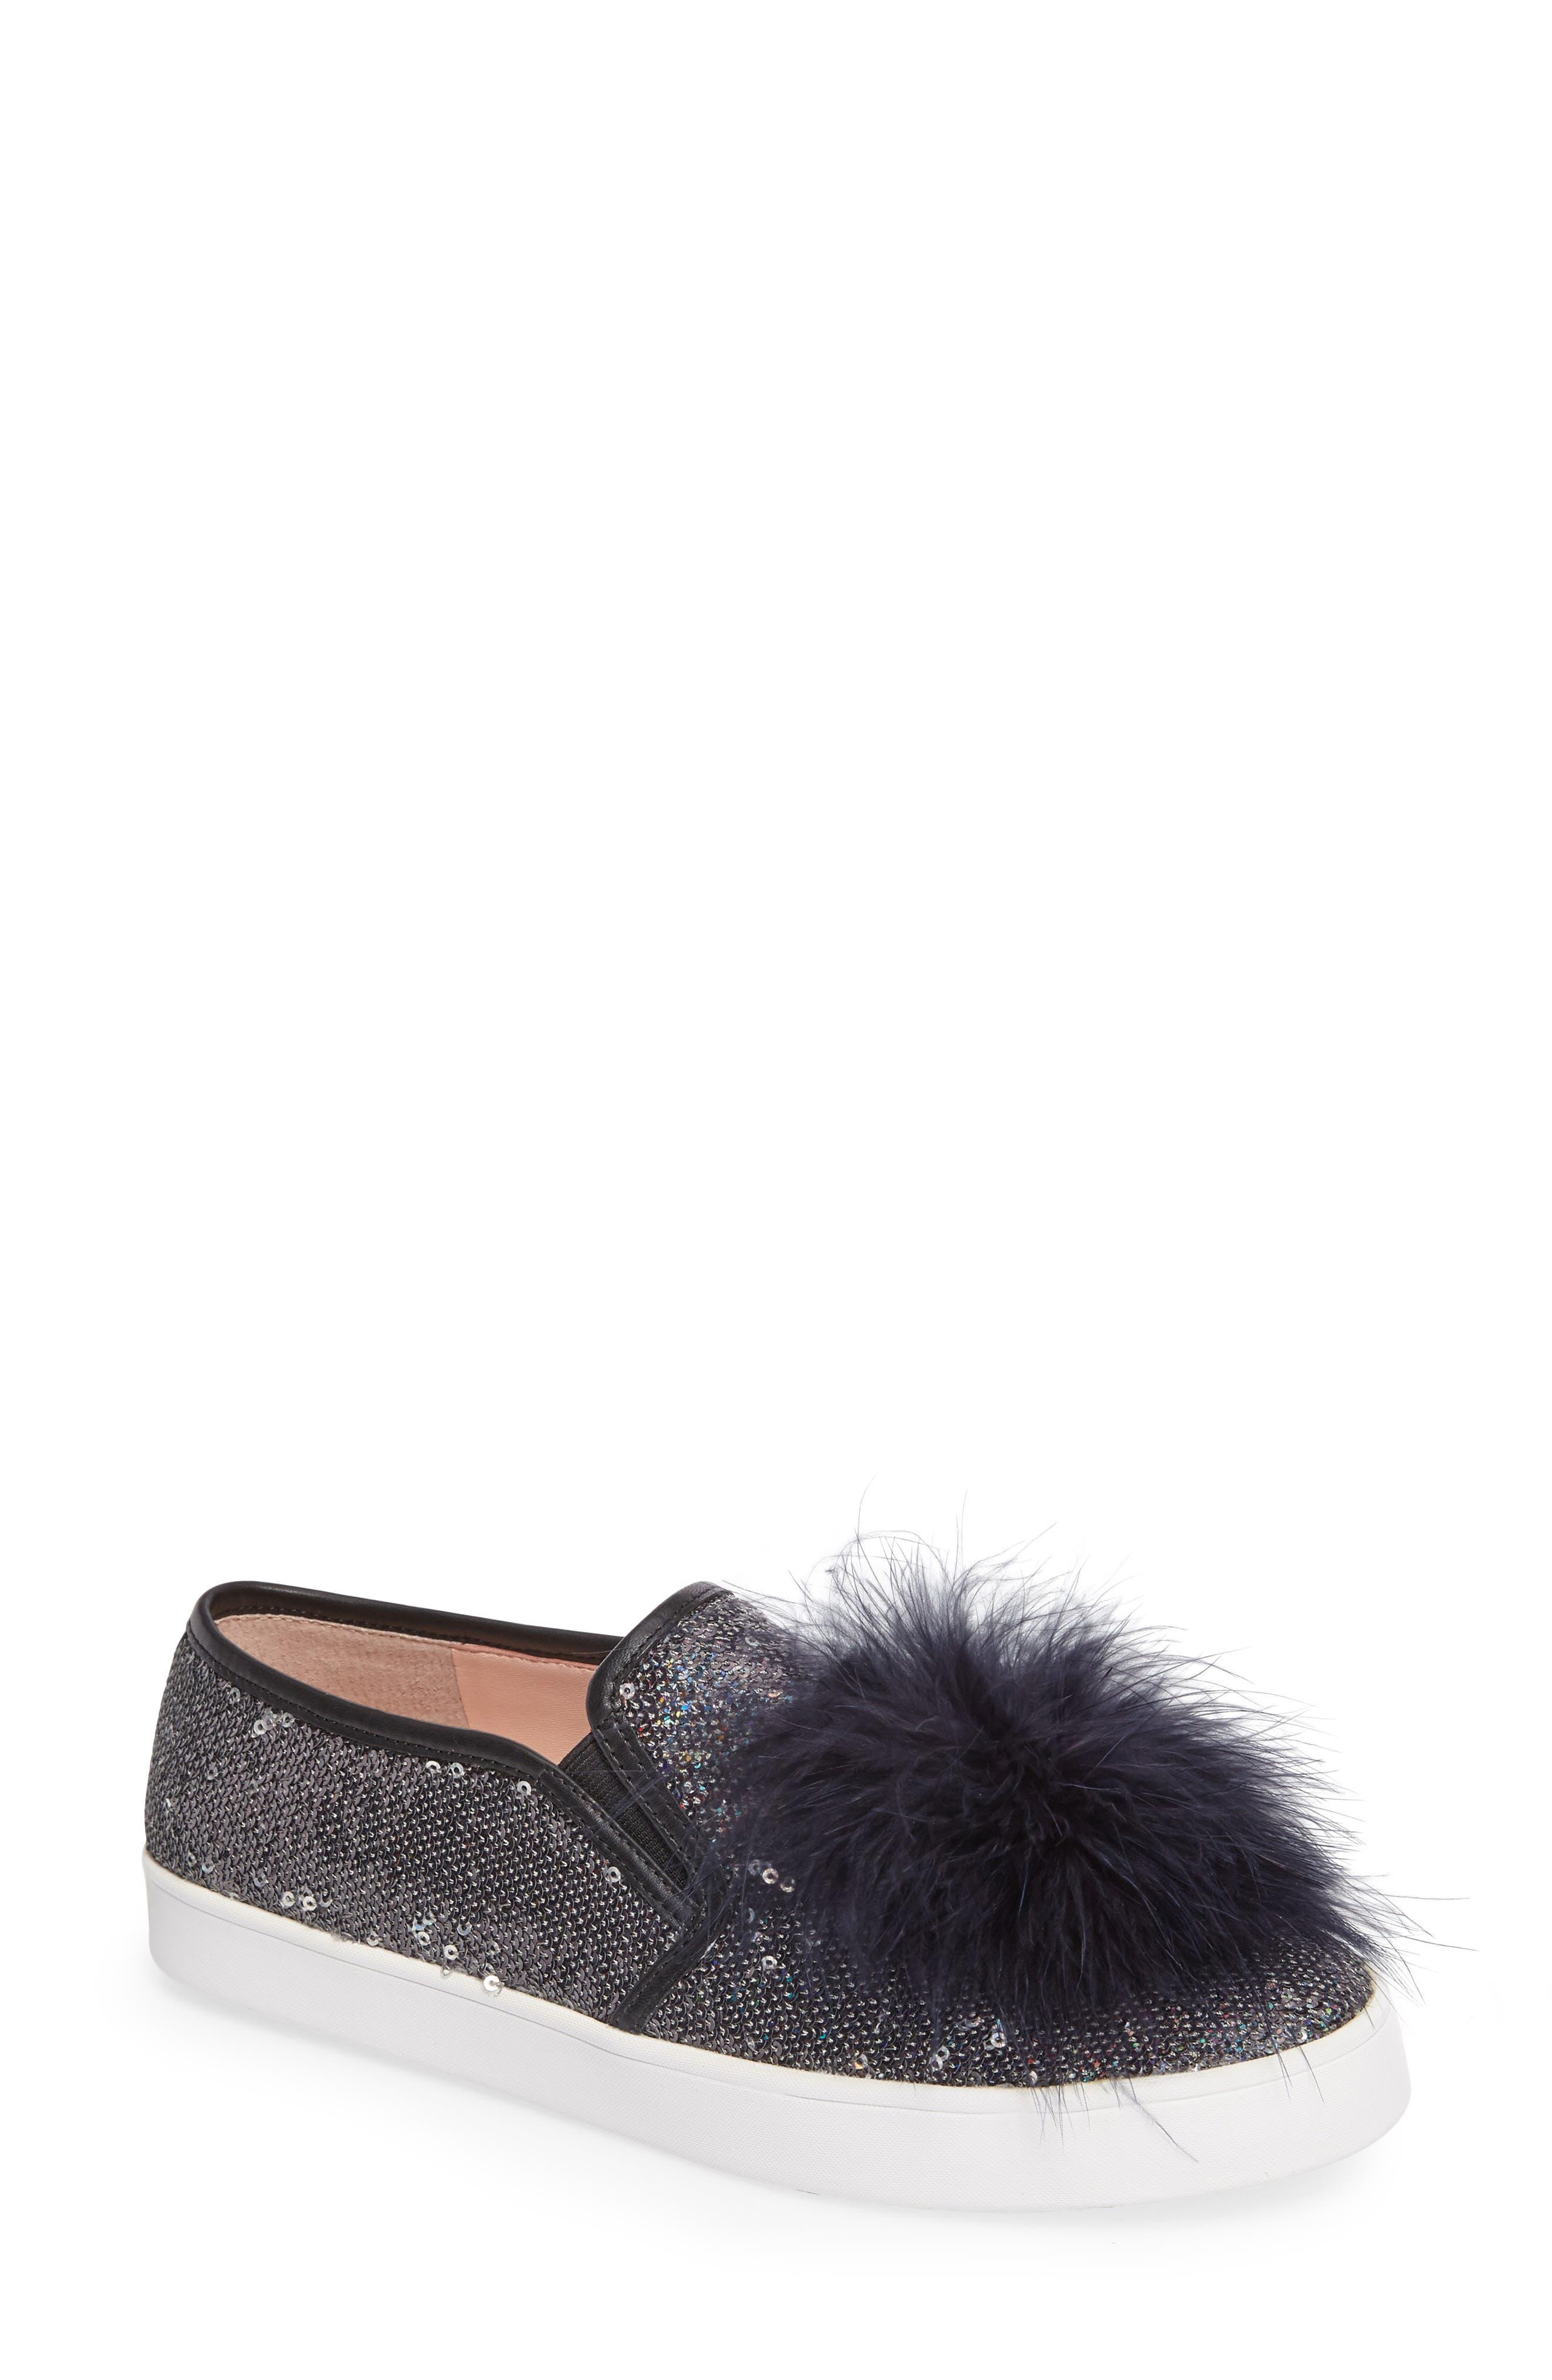 kate spade new york sequin slip-on sneaker (Women)